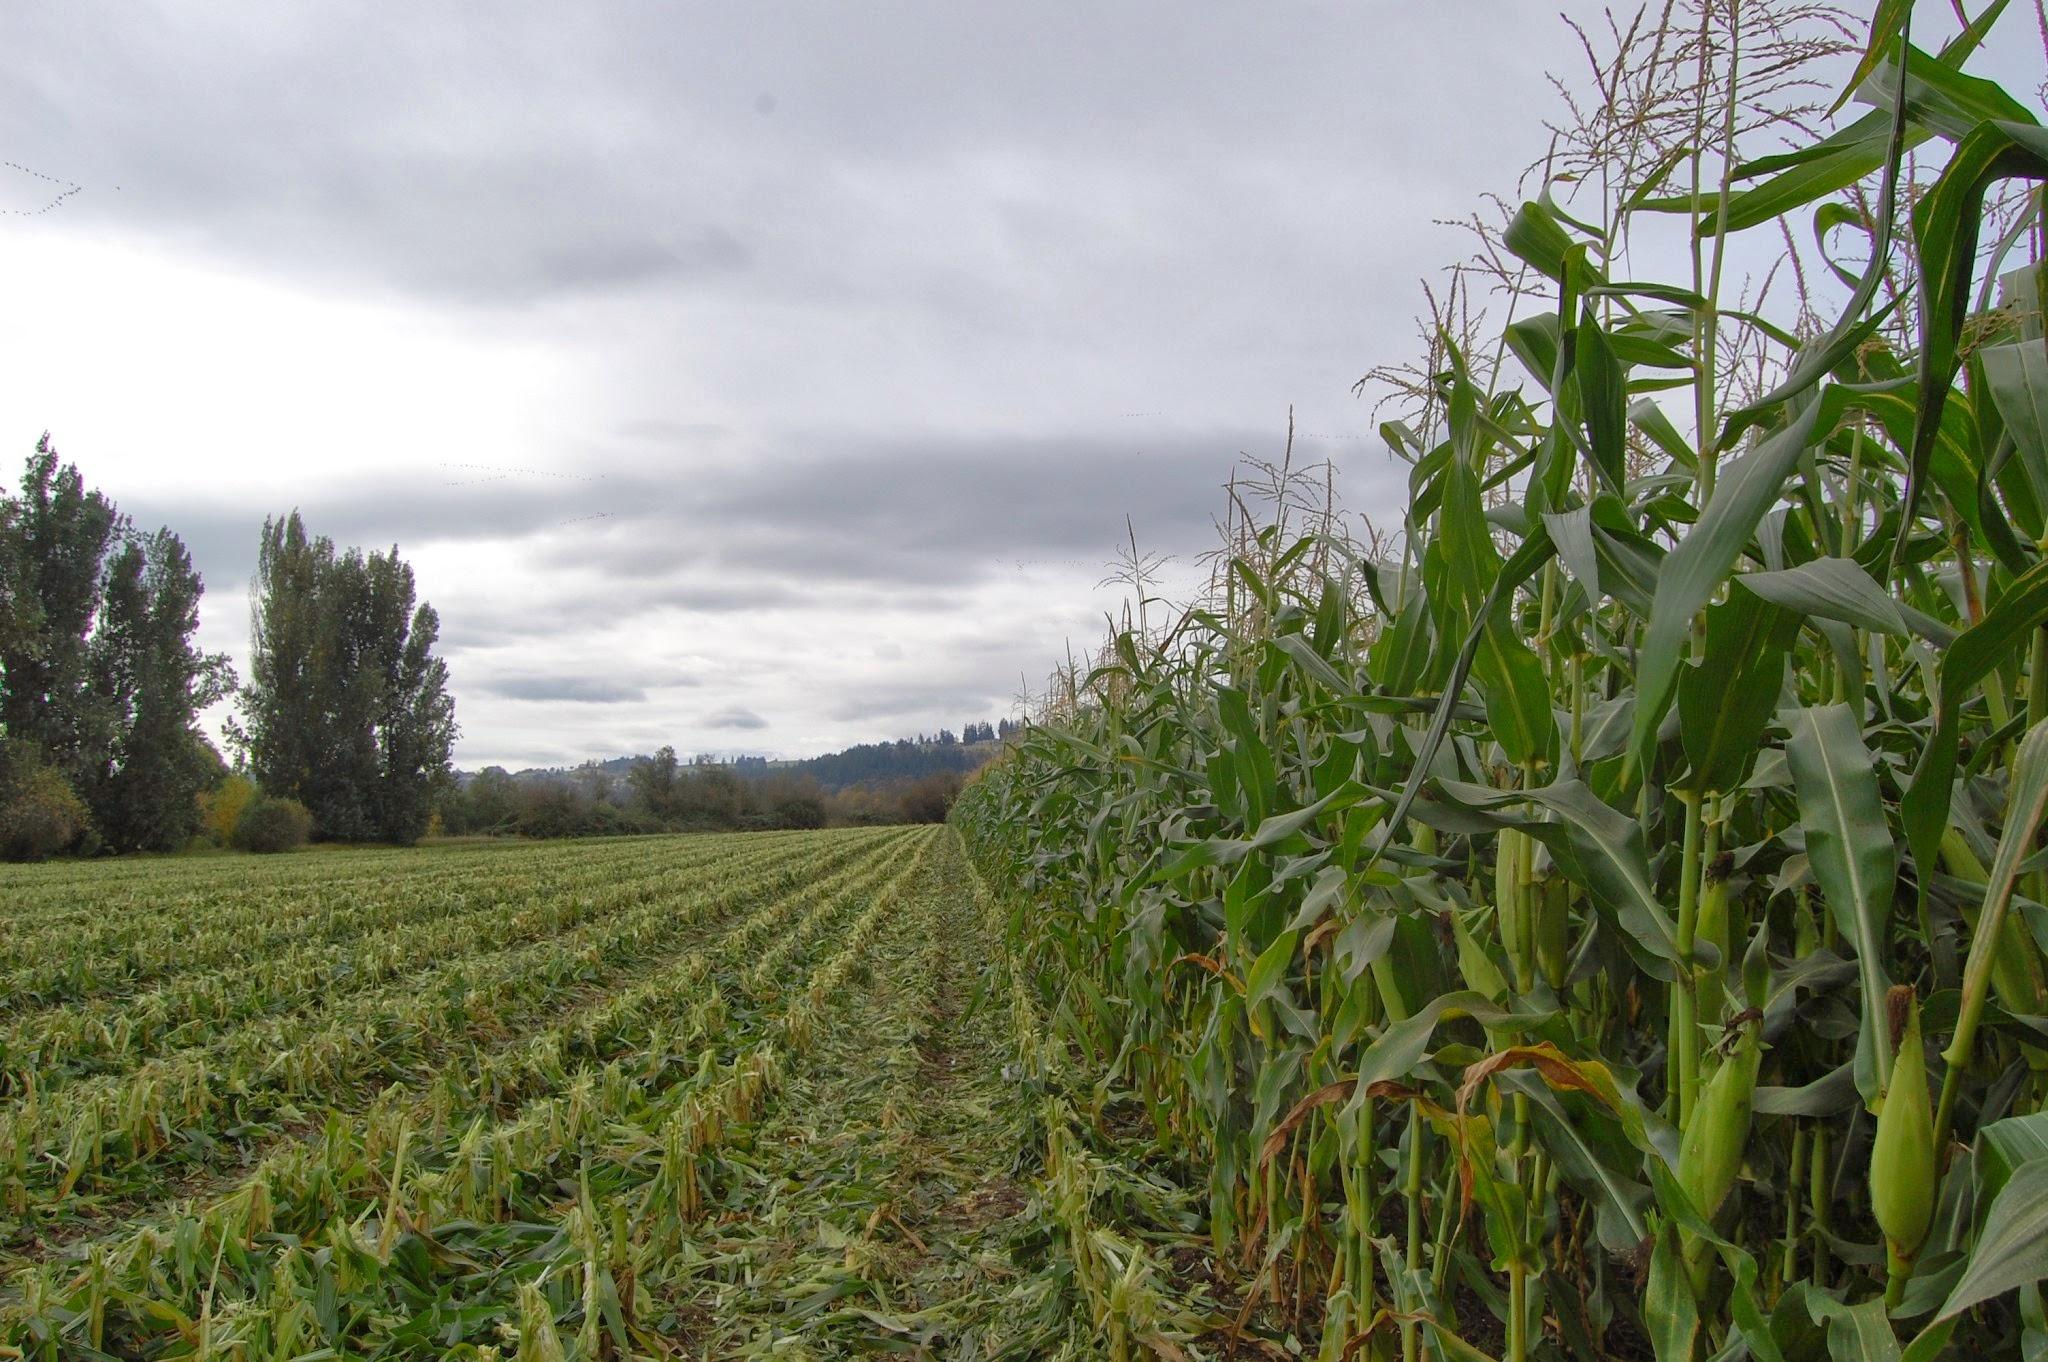 Sweet corn in northwest field.